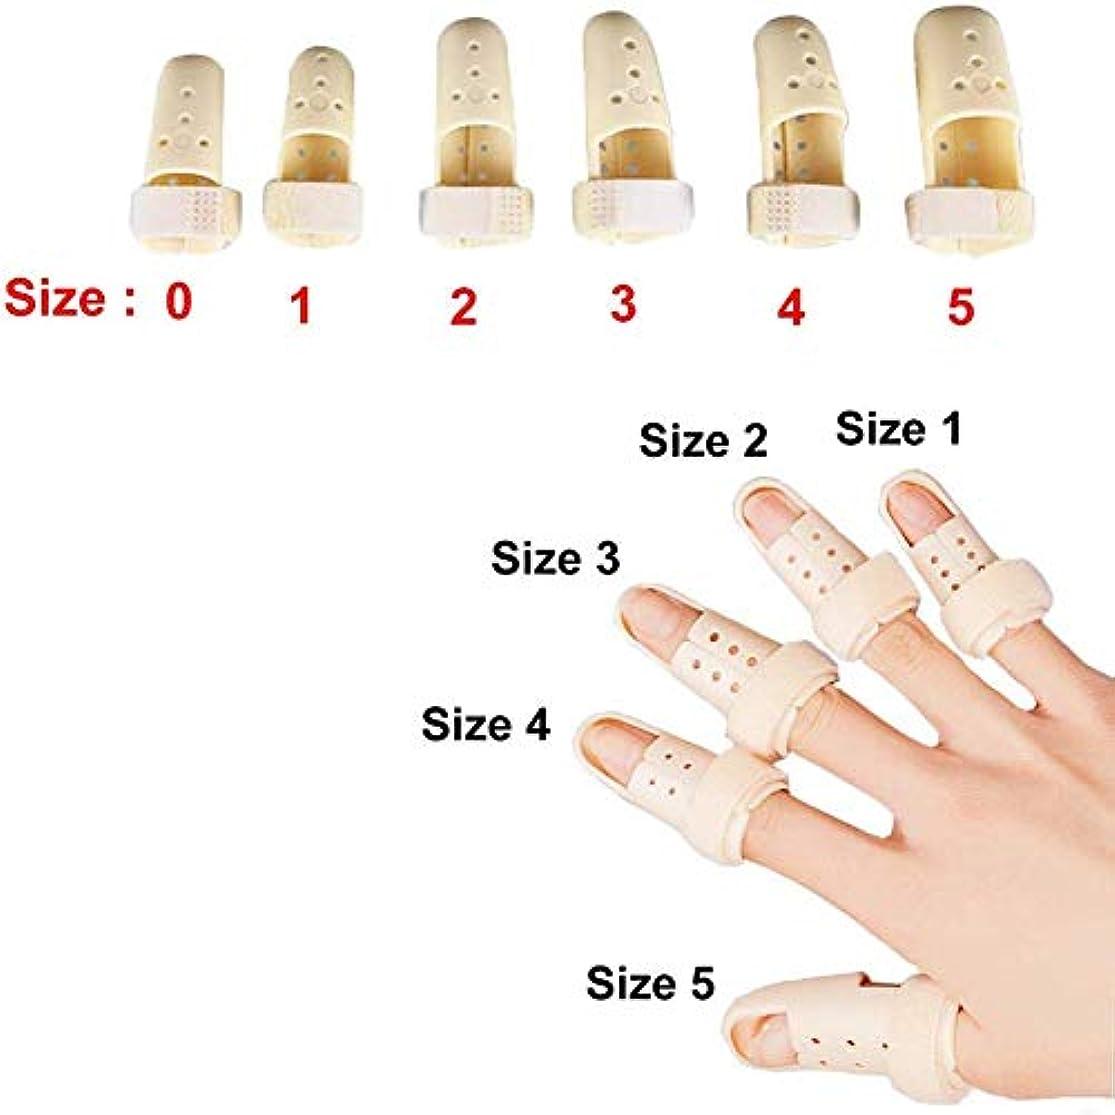 相互接続リスナー加速する痛みのための親指スピカサポートブレース - フィンガースプリント、リバーシブル親指スタビライザー、関節炎サムスプリント (Size : XXL)